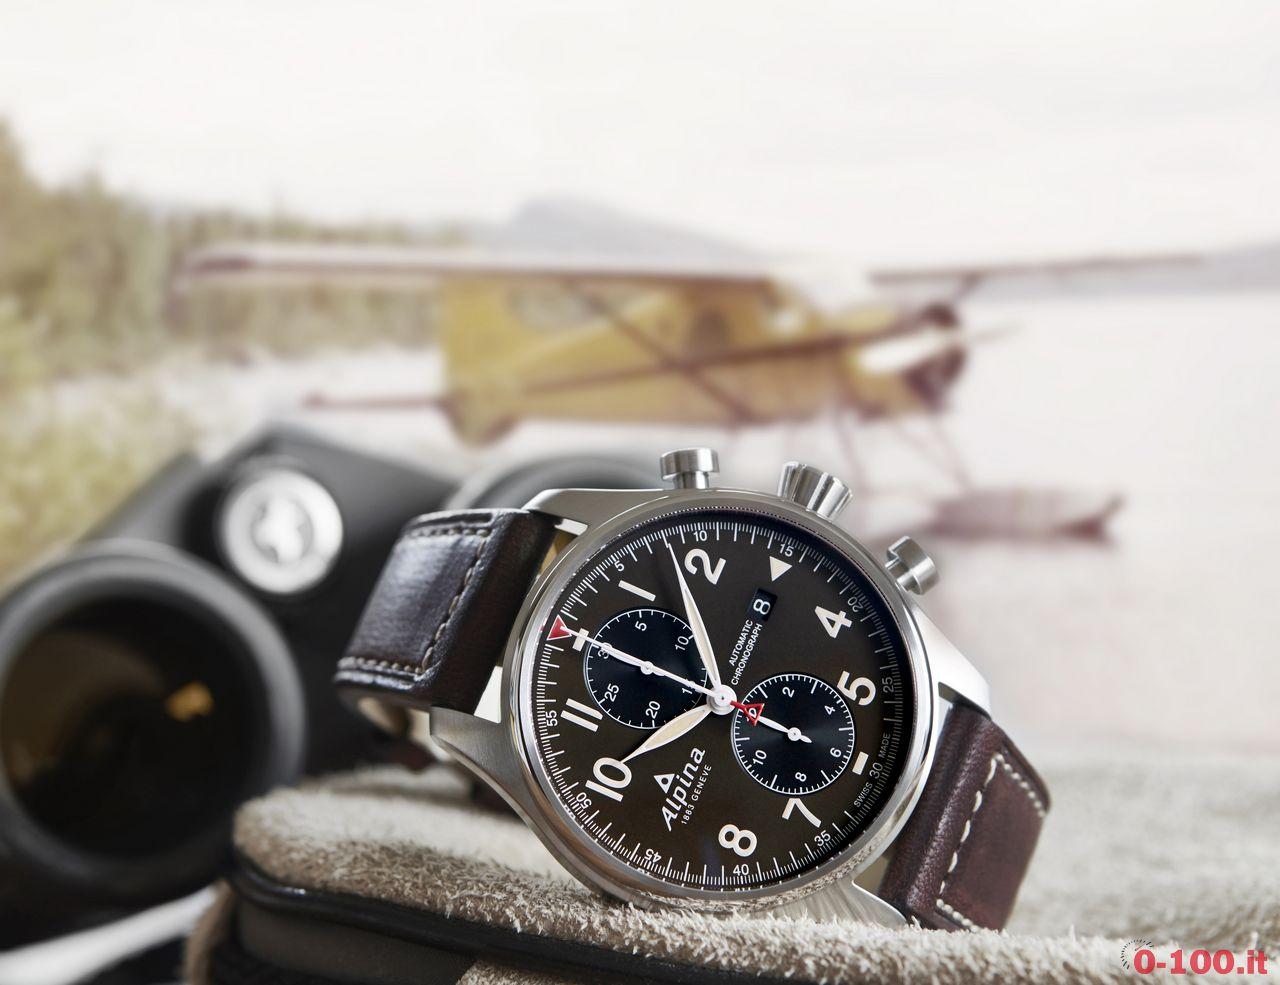 alpina-startimer-pilot-automatic-chronograph-prezzo-price_0-1005